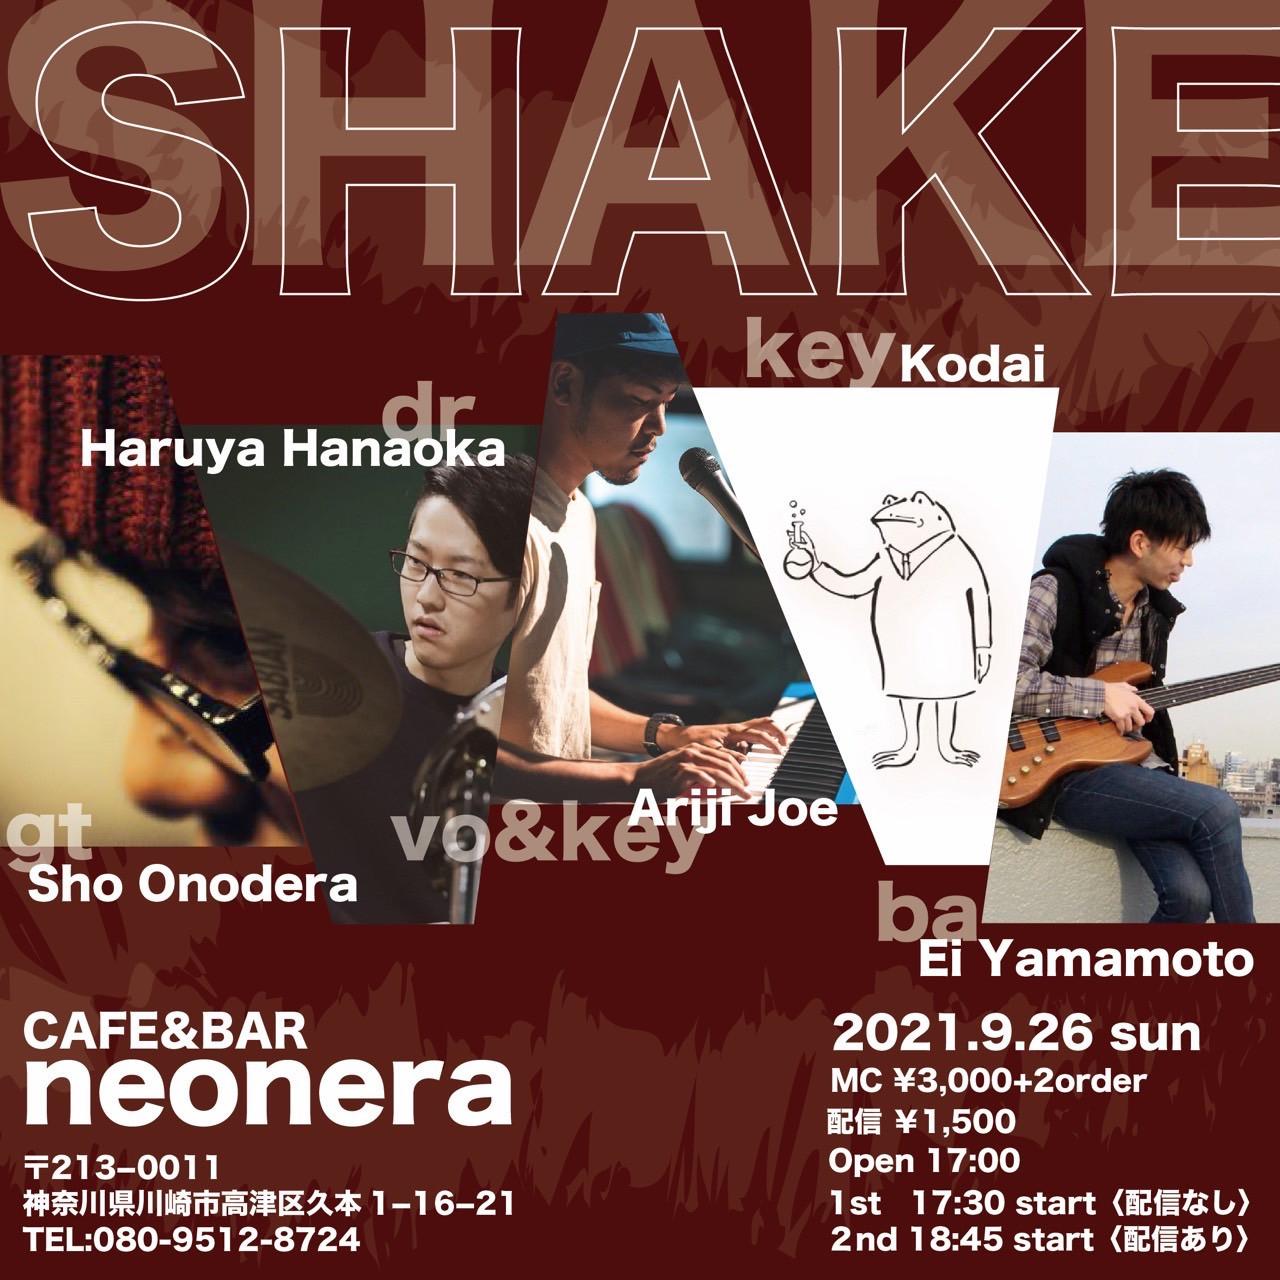 9月26日(日)SHAKE